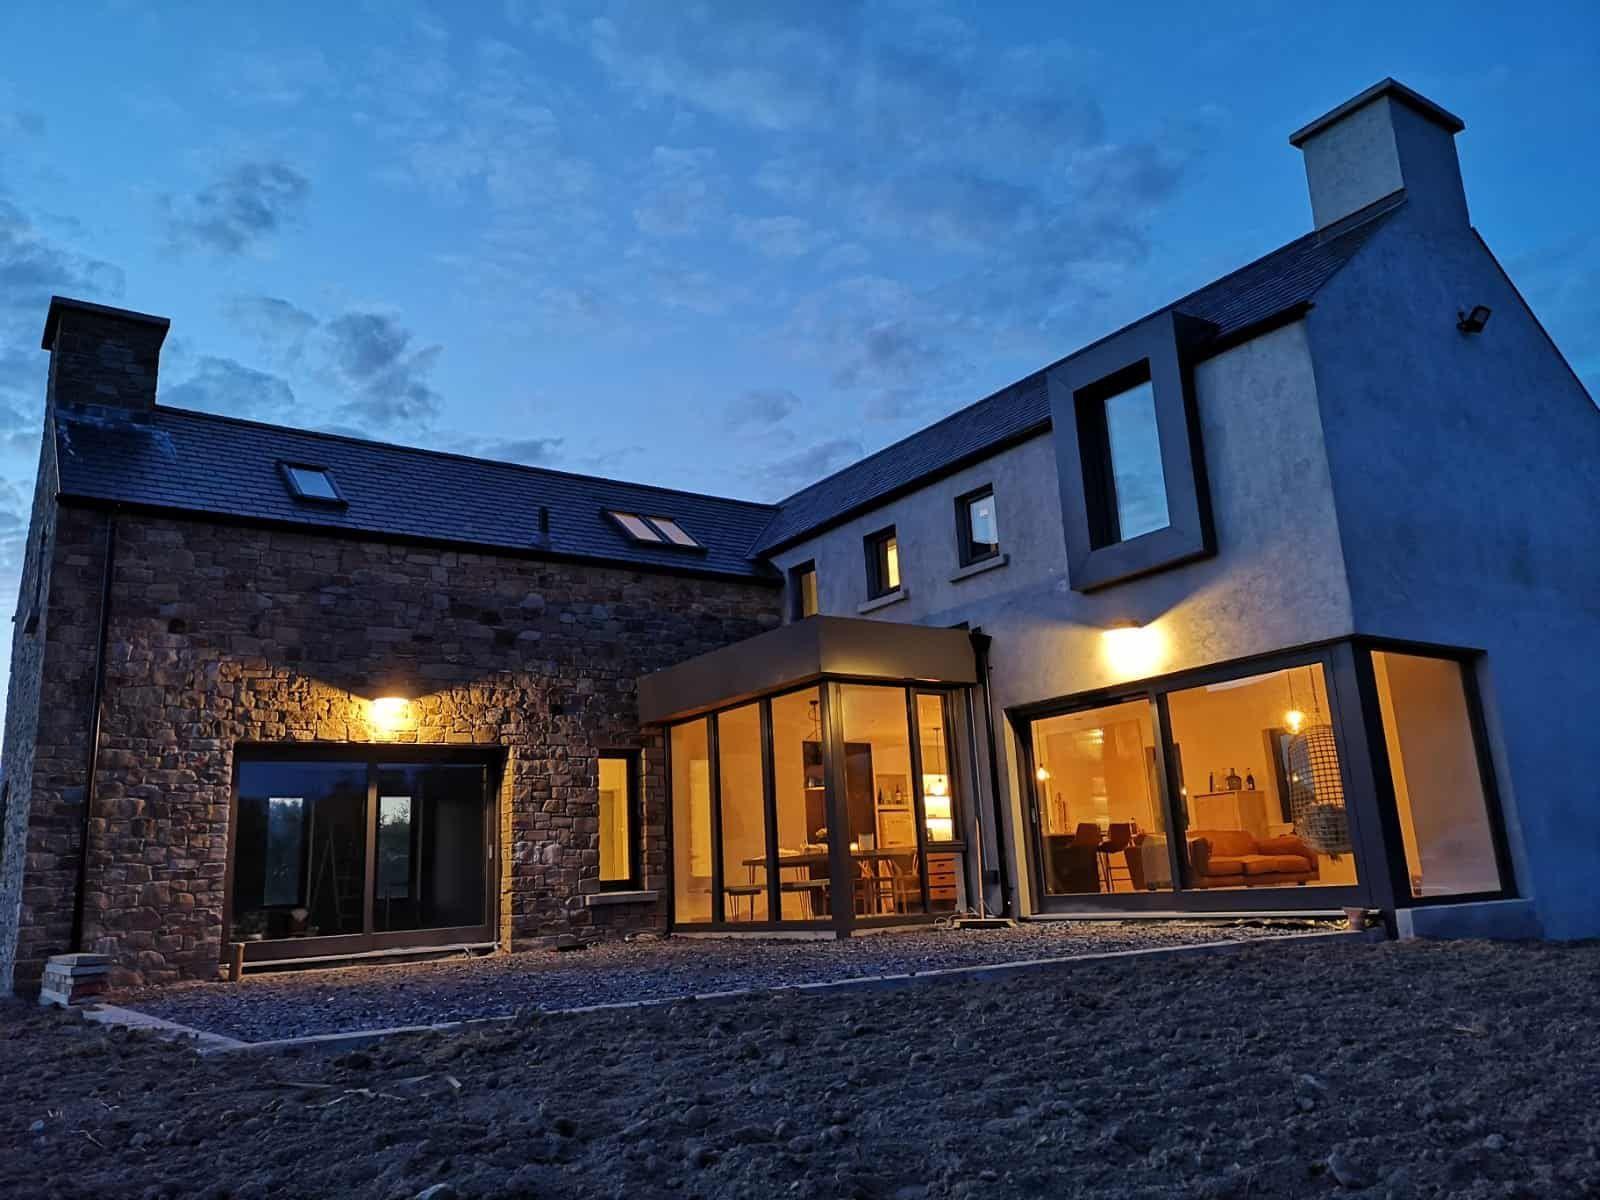 Joe Fallon Architectural Design Dublin Ireland » House